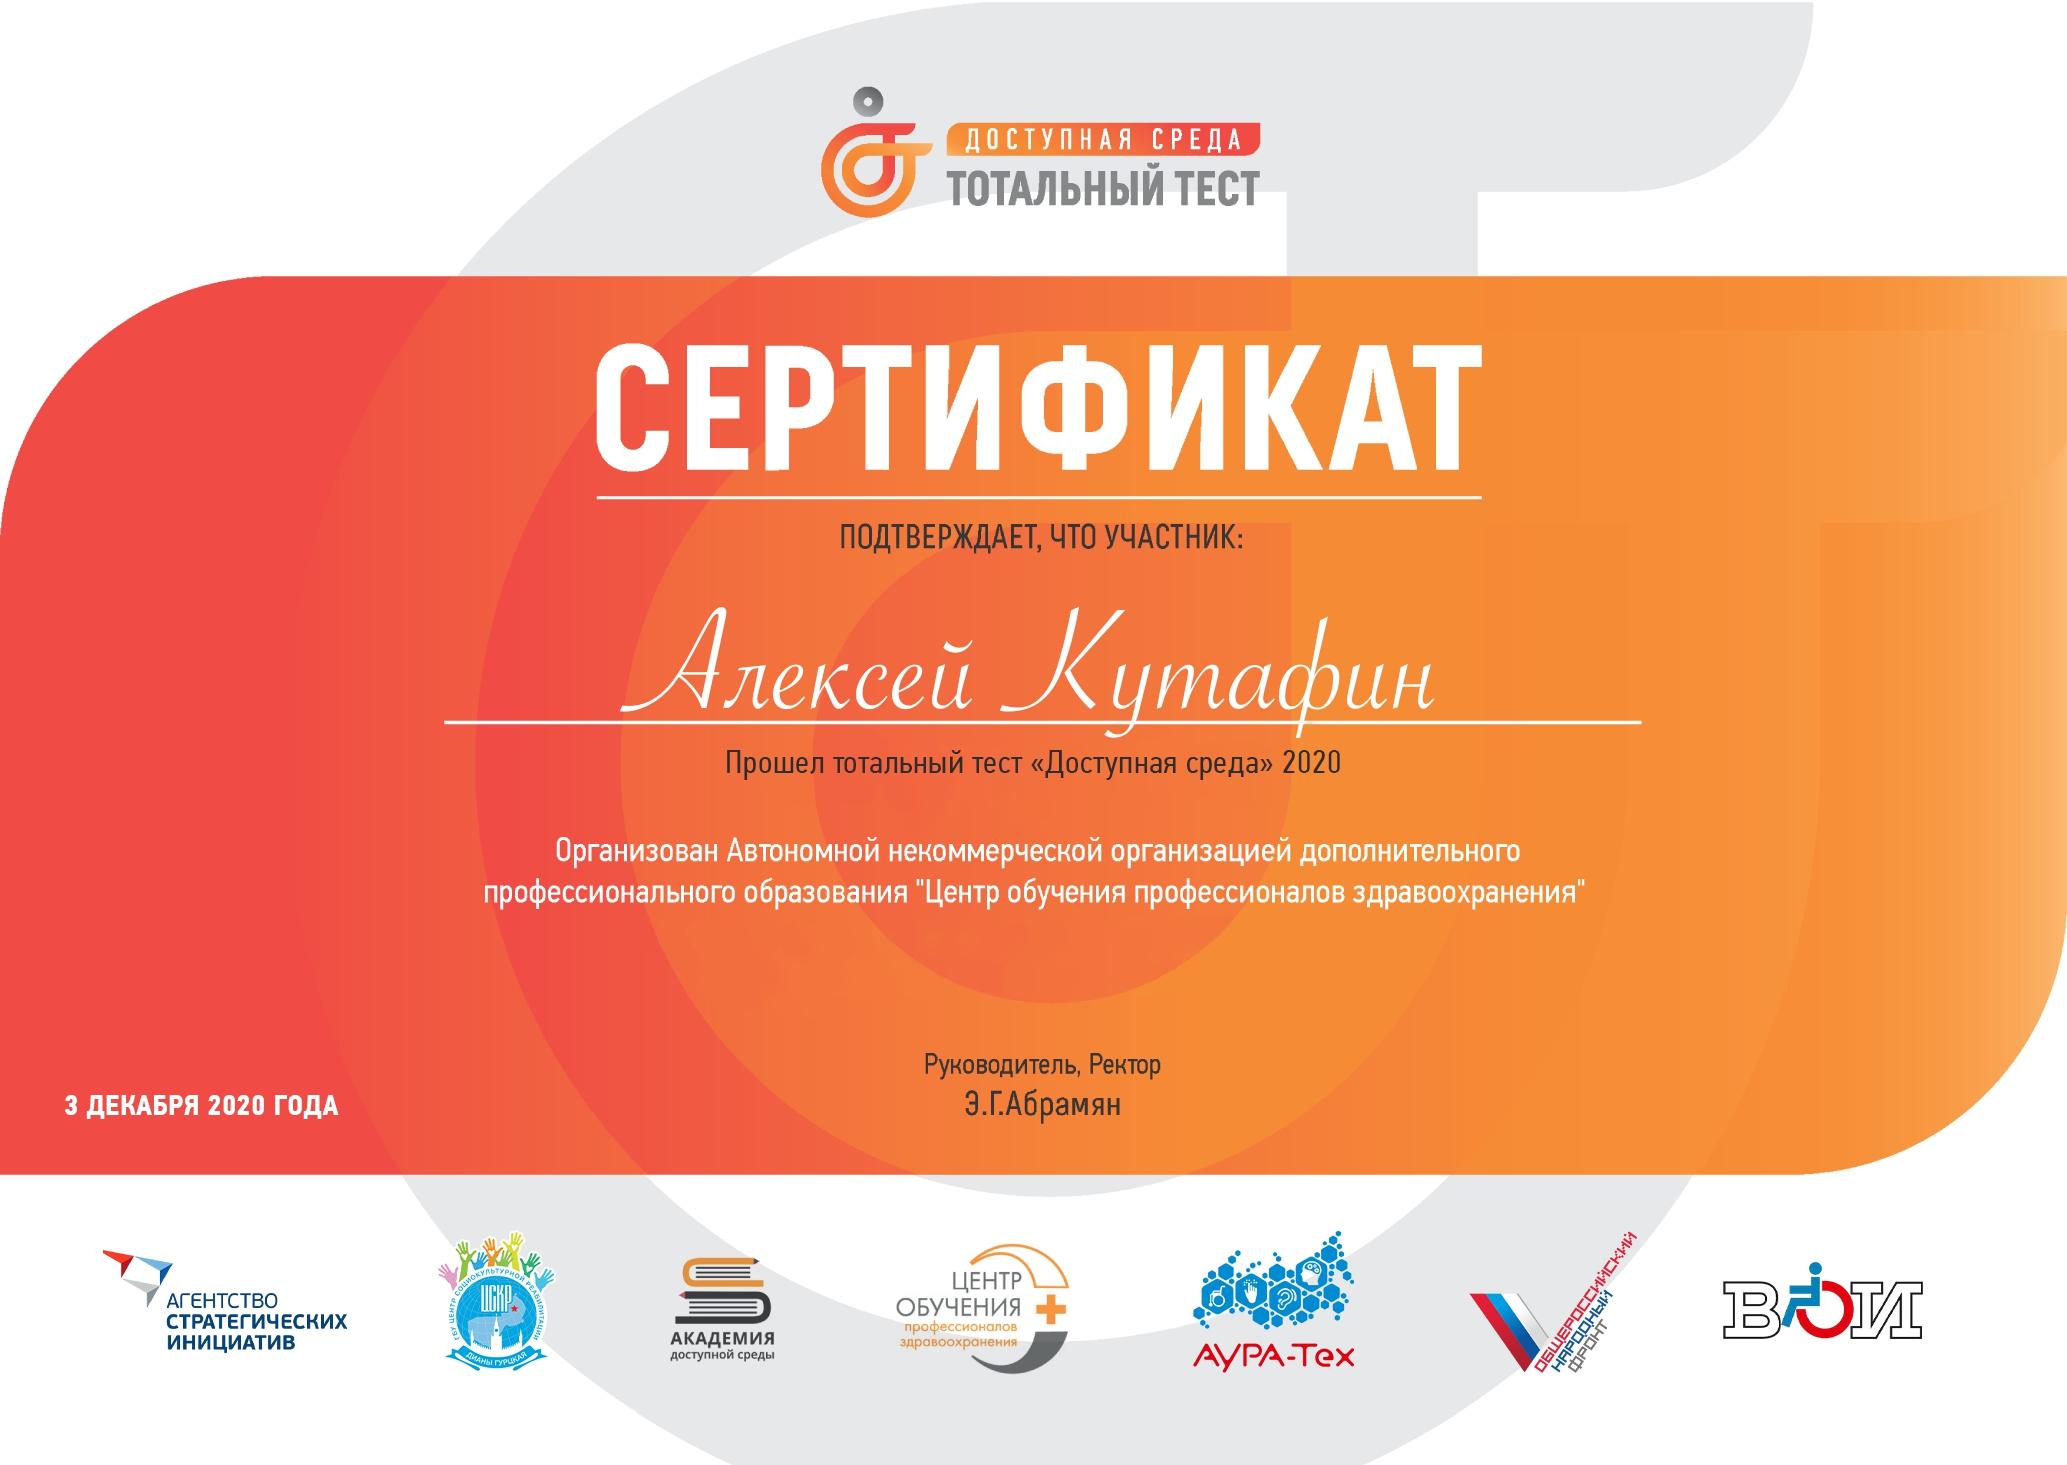 kutafin_page-0001